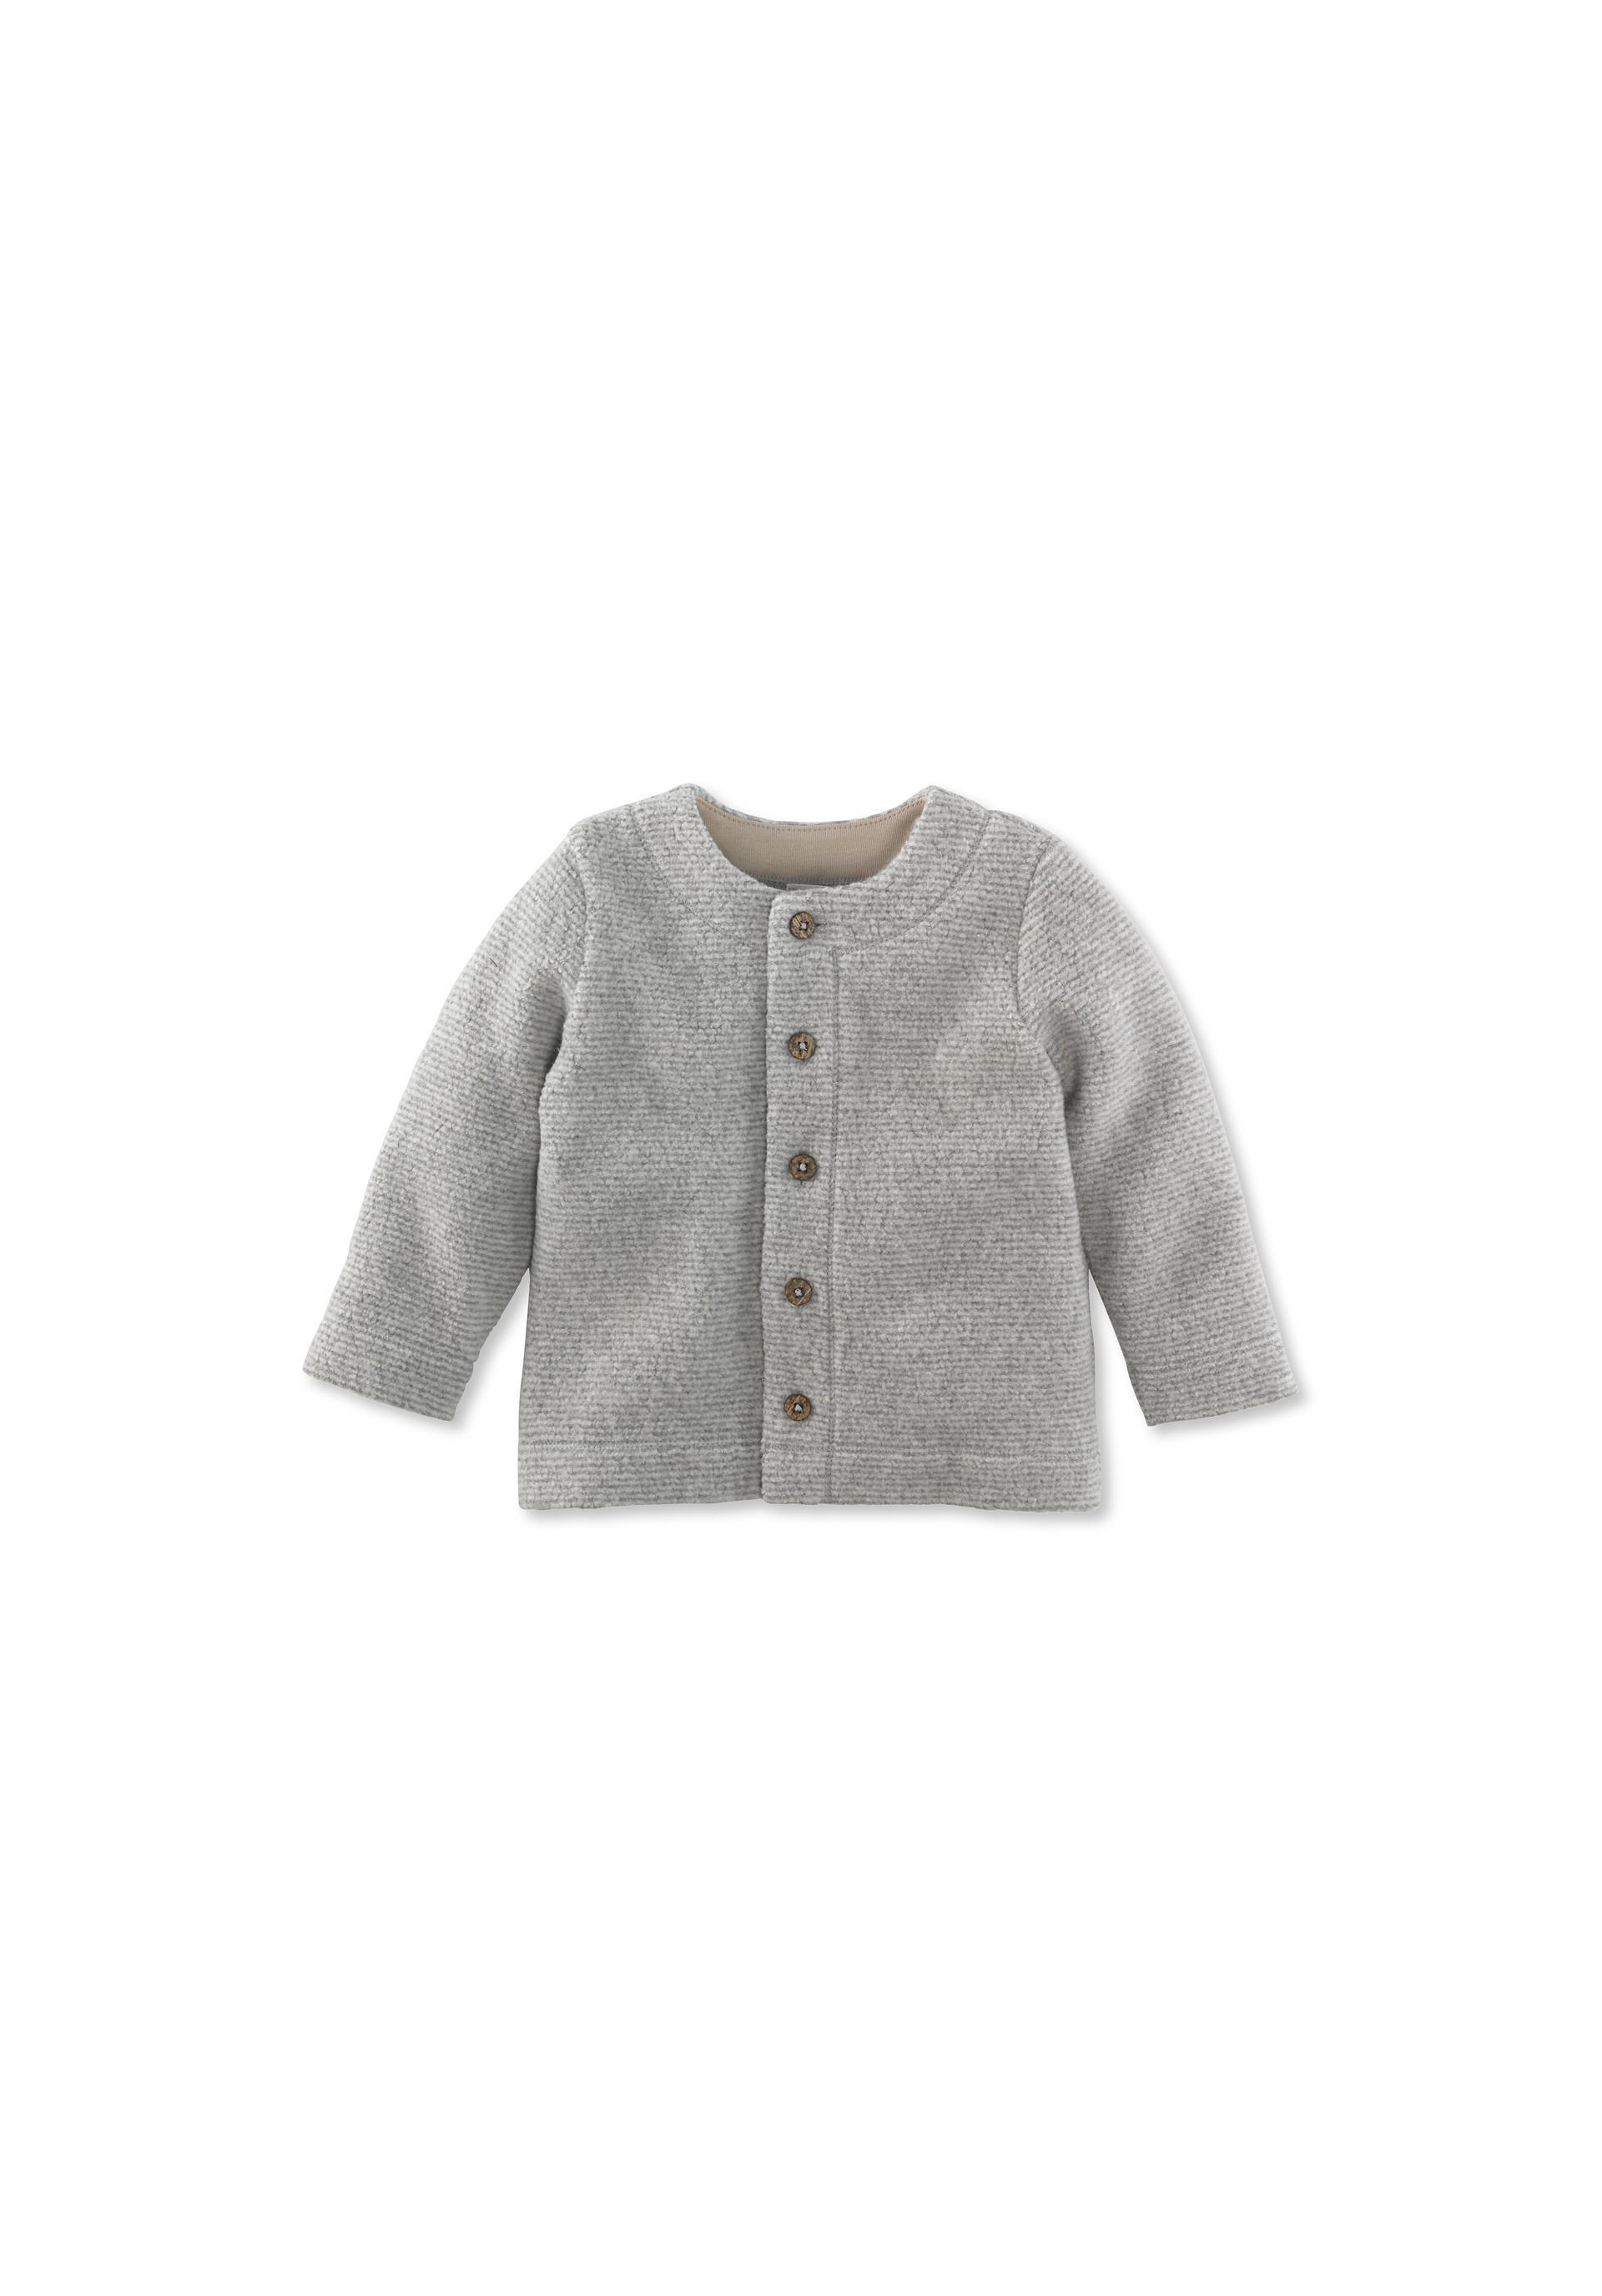 Geringelte Fleece Jacke aus reiner Bio Baumwolle von hessnatur